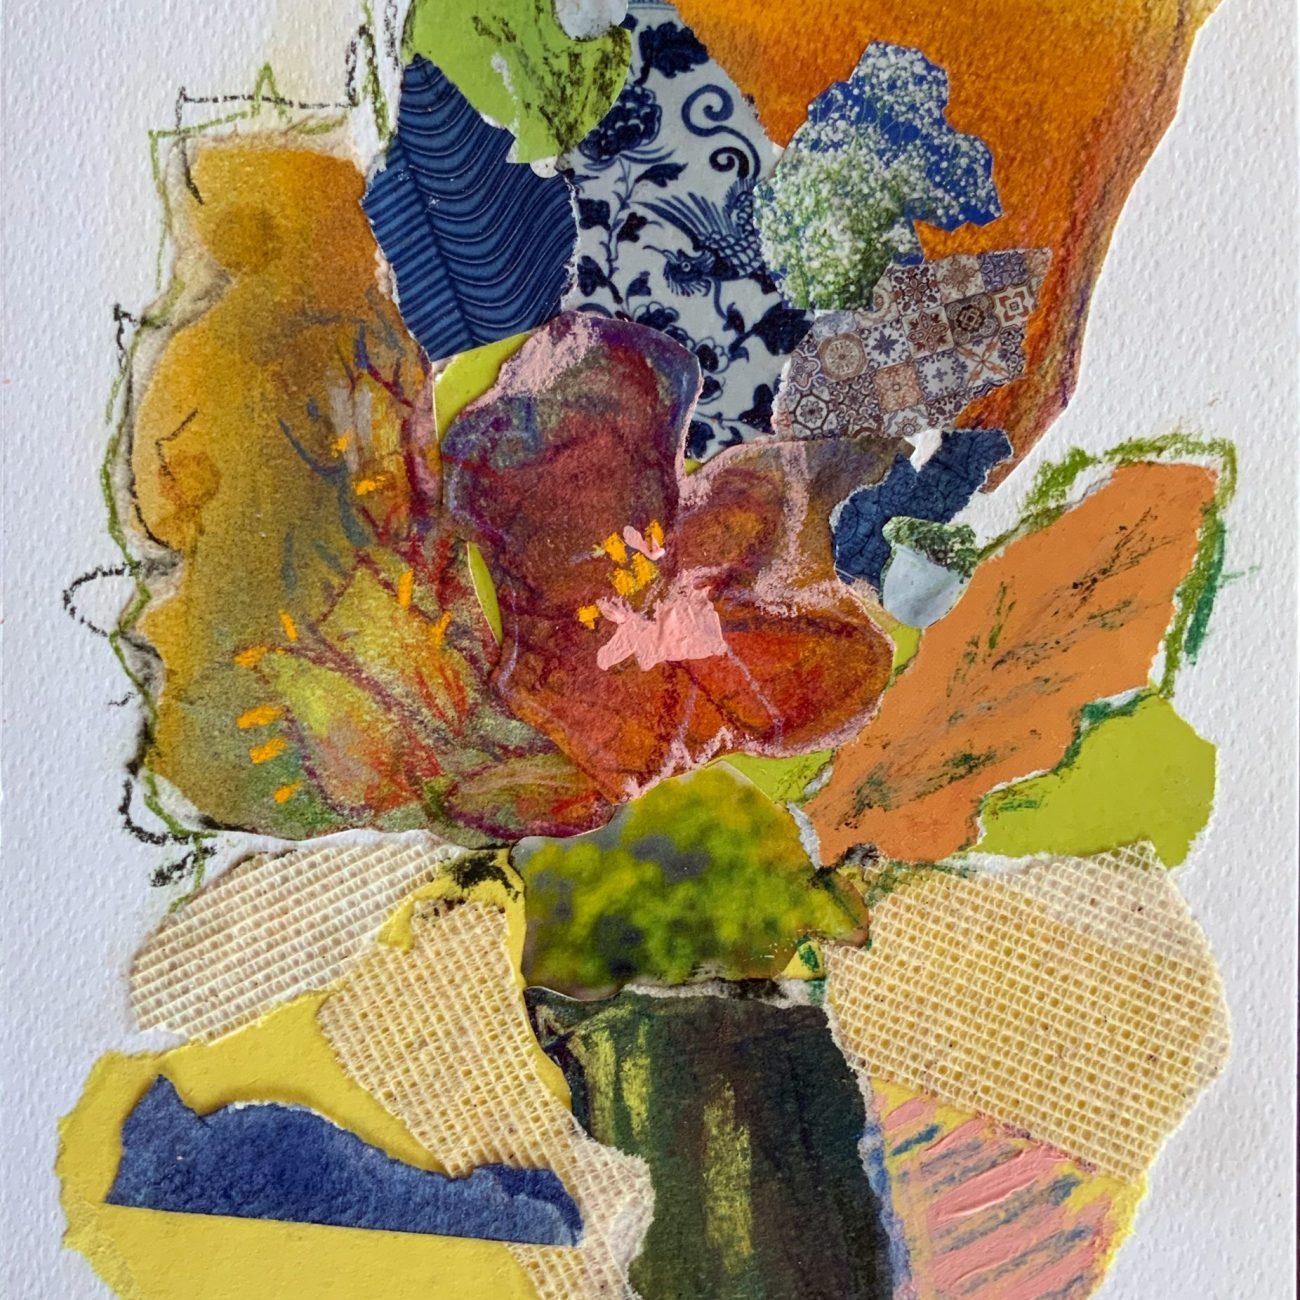 PEMBE KOLAJ 11 Teknik:Kağıt Üzeri Toz Pastel ve Kolaj Ölçü: 17x24 cm. 35x42 cm.(çerçeveli) Fiyat : 944 TL